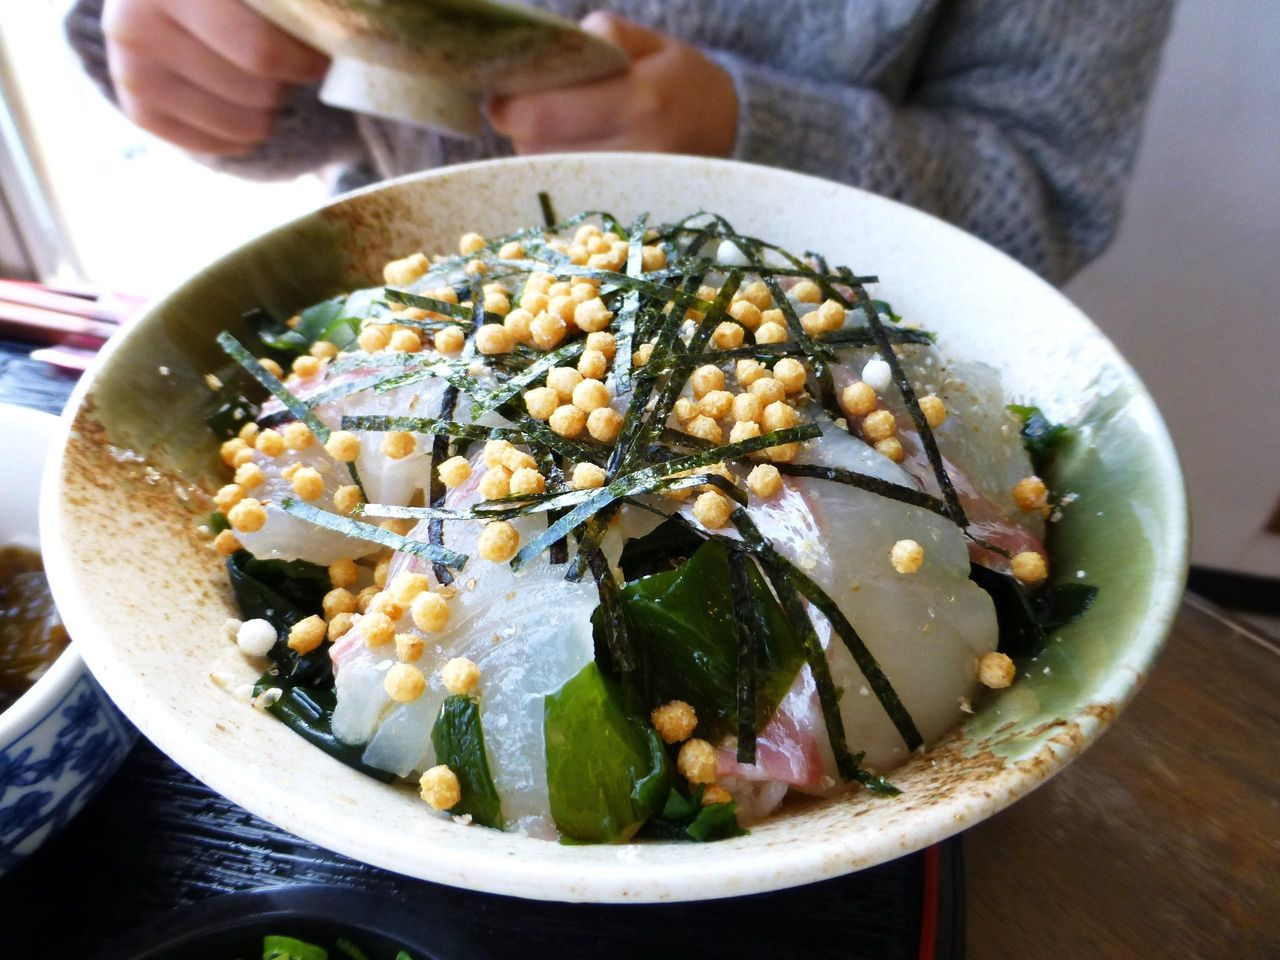 鯛茶漬けは甘鯛刺身と鯛茶漬けの2種類の味を楽しめます!